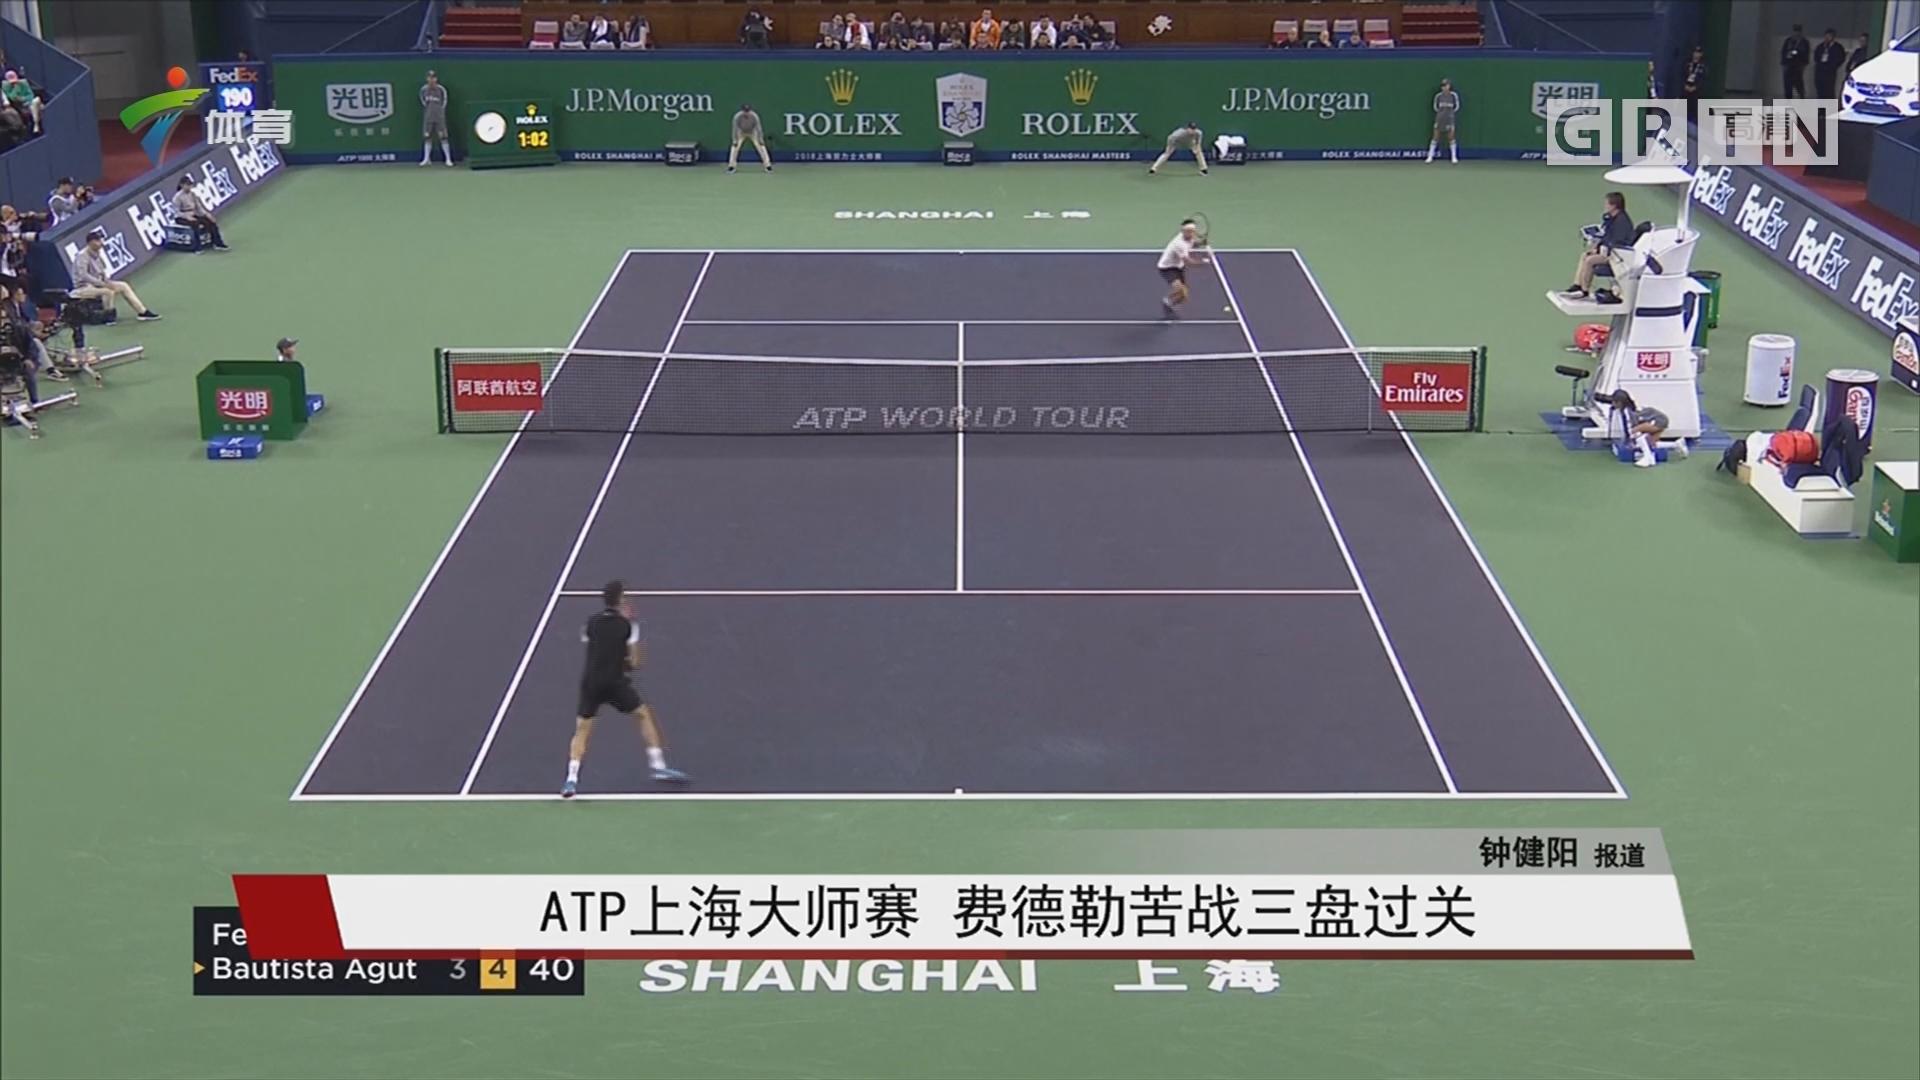 ATP上海大师赛 费德勒苦战三盘过关